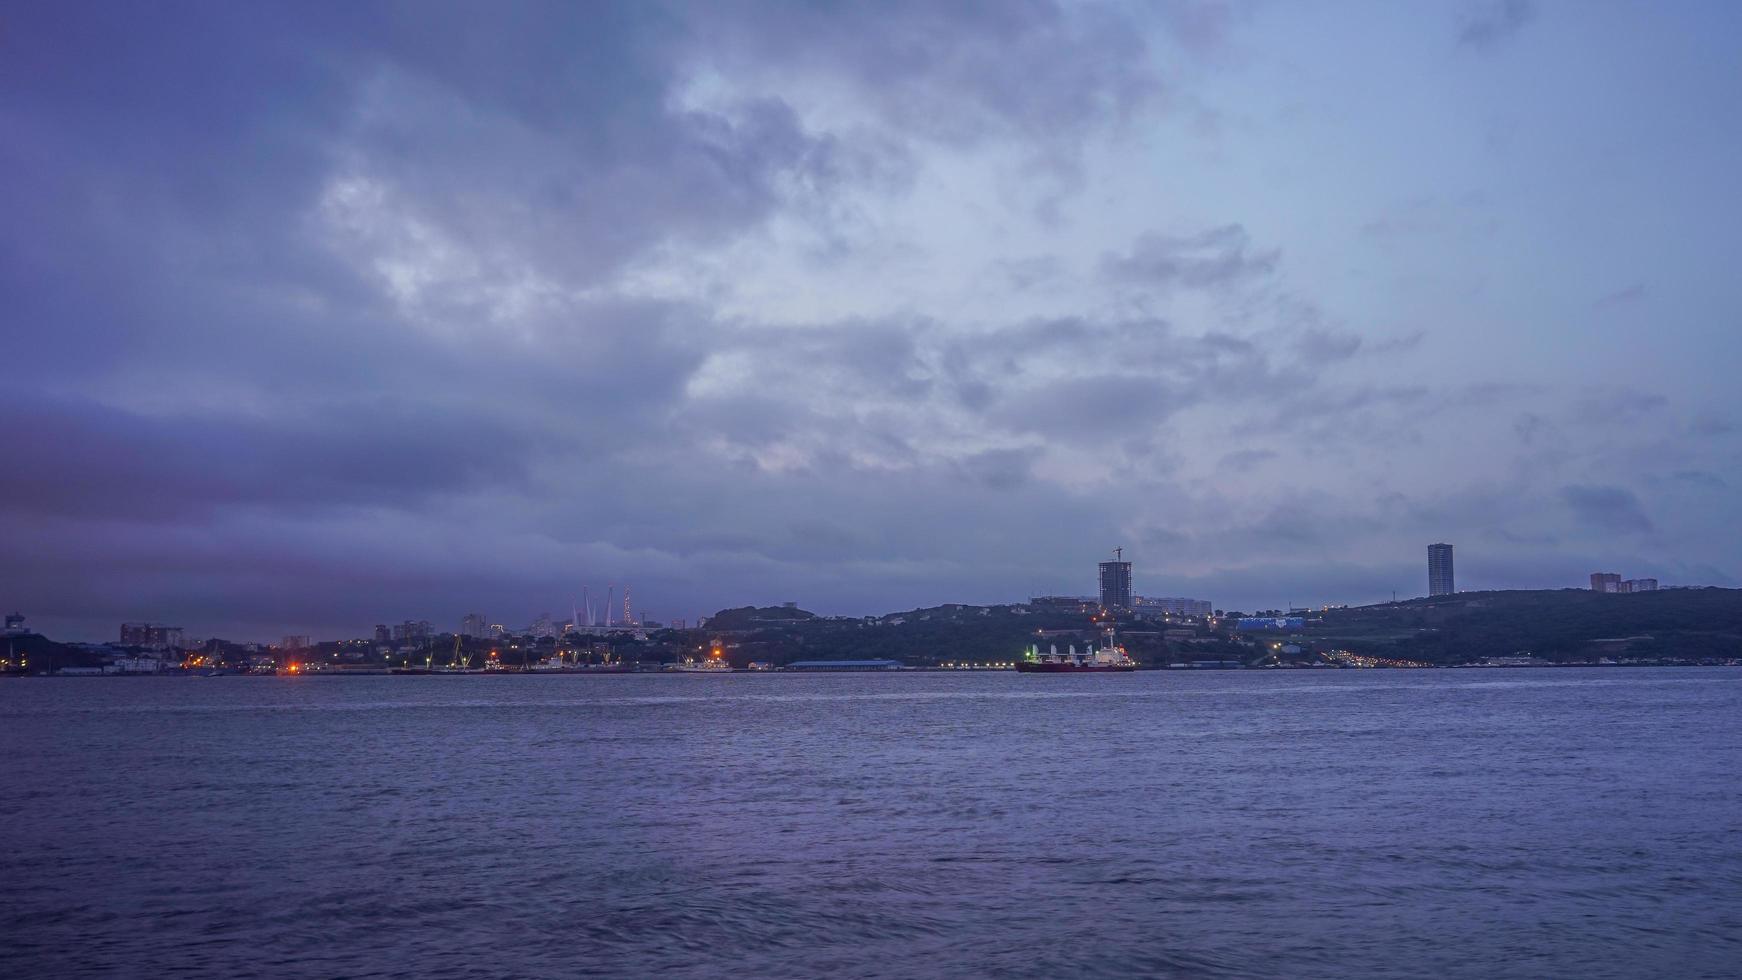 Seascape con barcos en un puerto por la noche en Vladivostok, Rusia foto